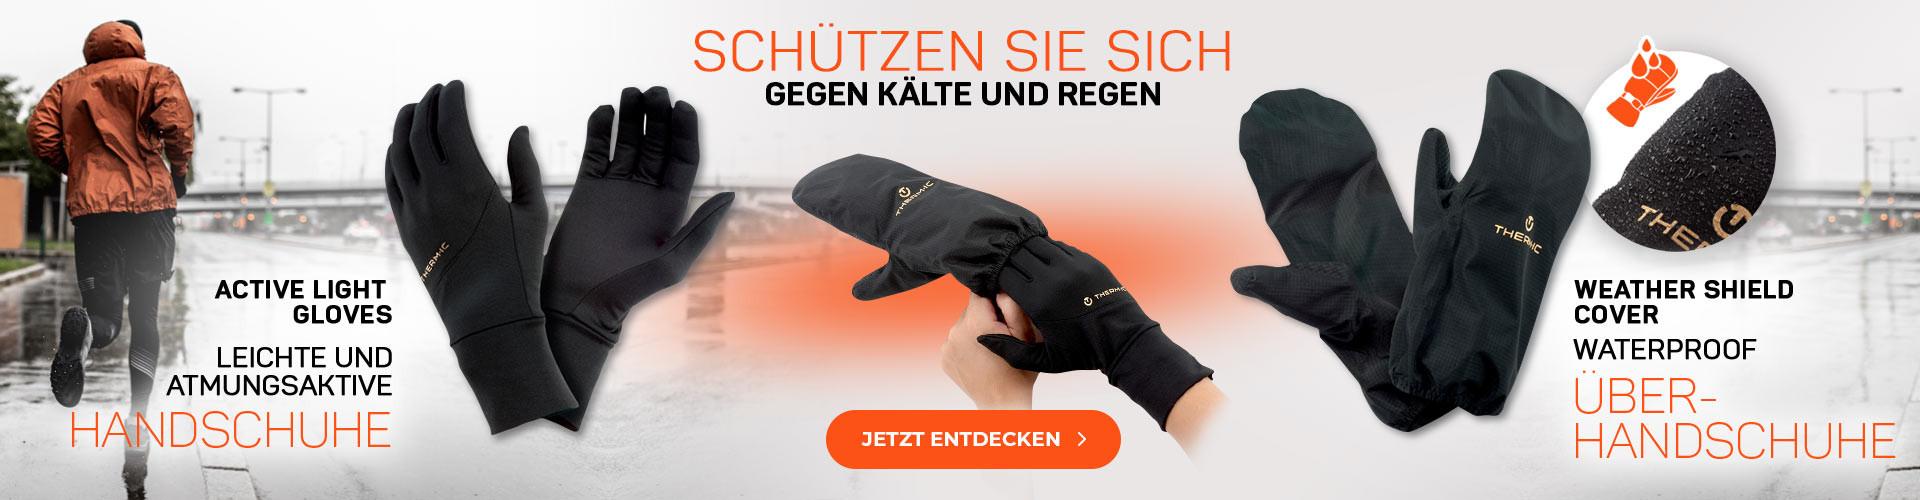 Schützen Sie sich gegen Kälte und Regen